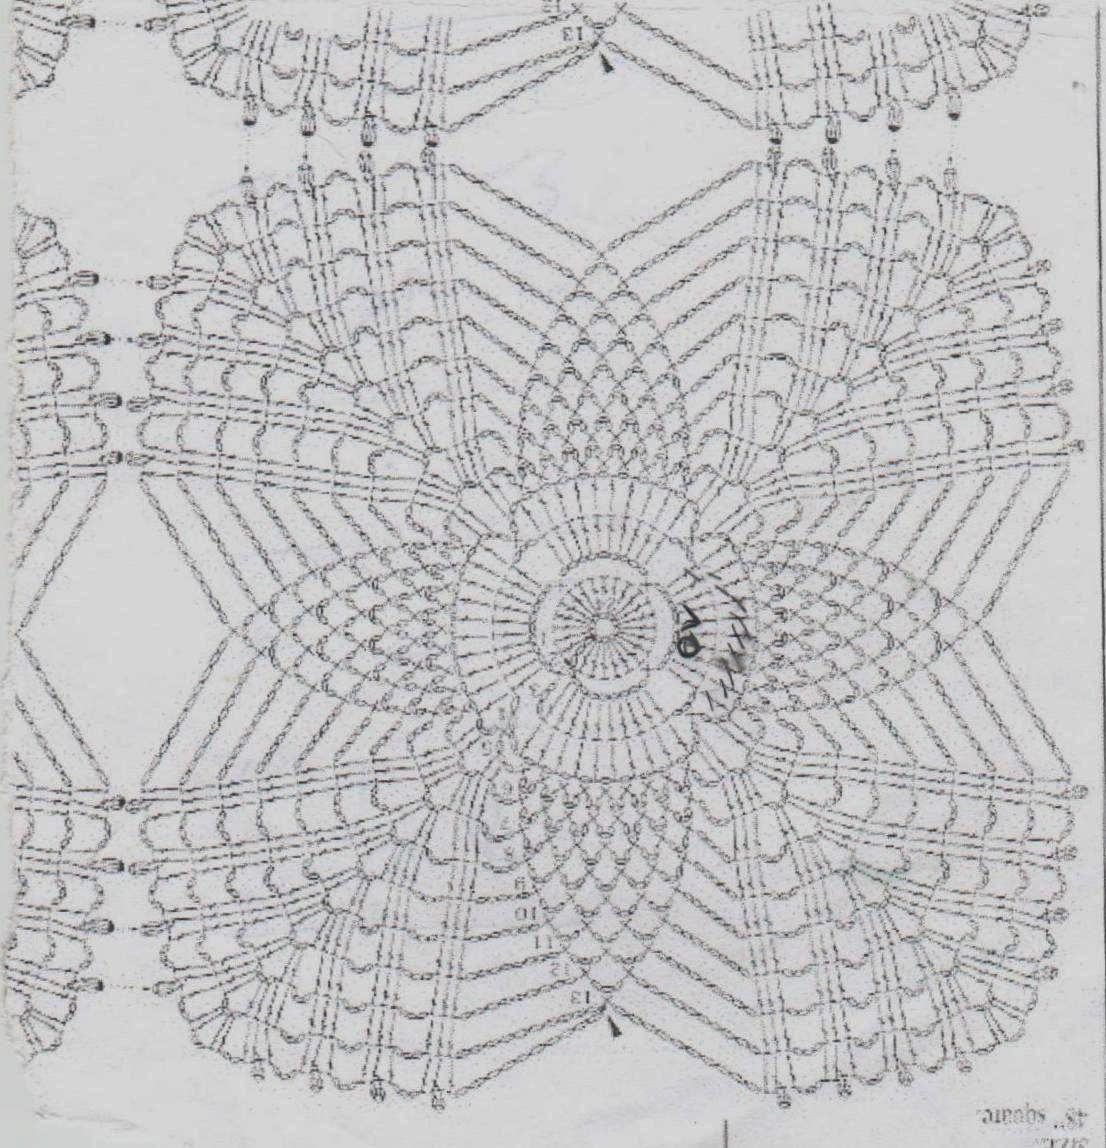 Kirini ručni radovi | Patrones crochet | Pinterest | Cuadrados ...